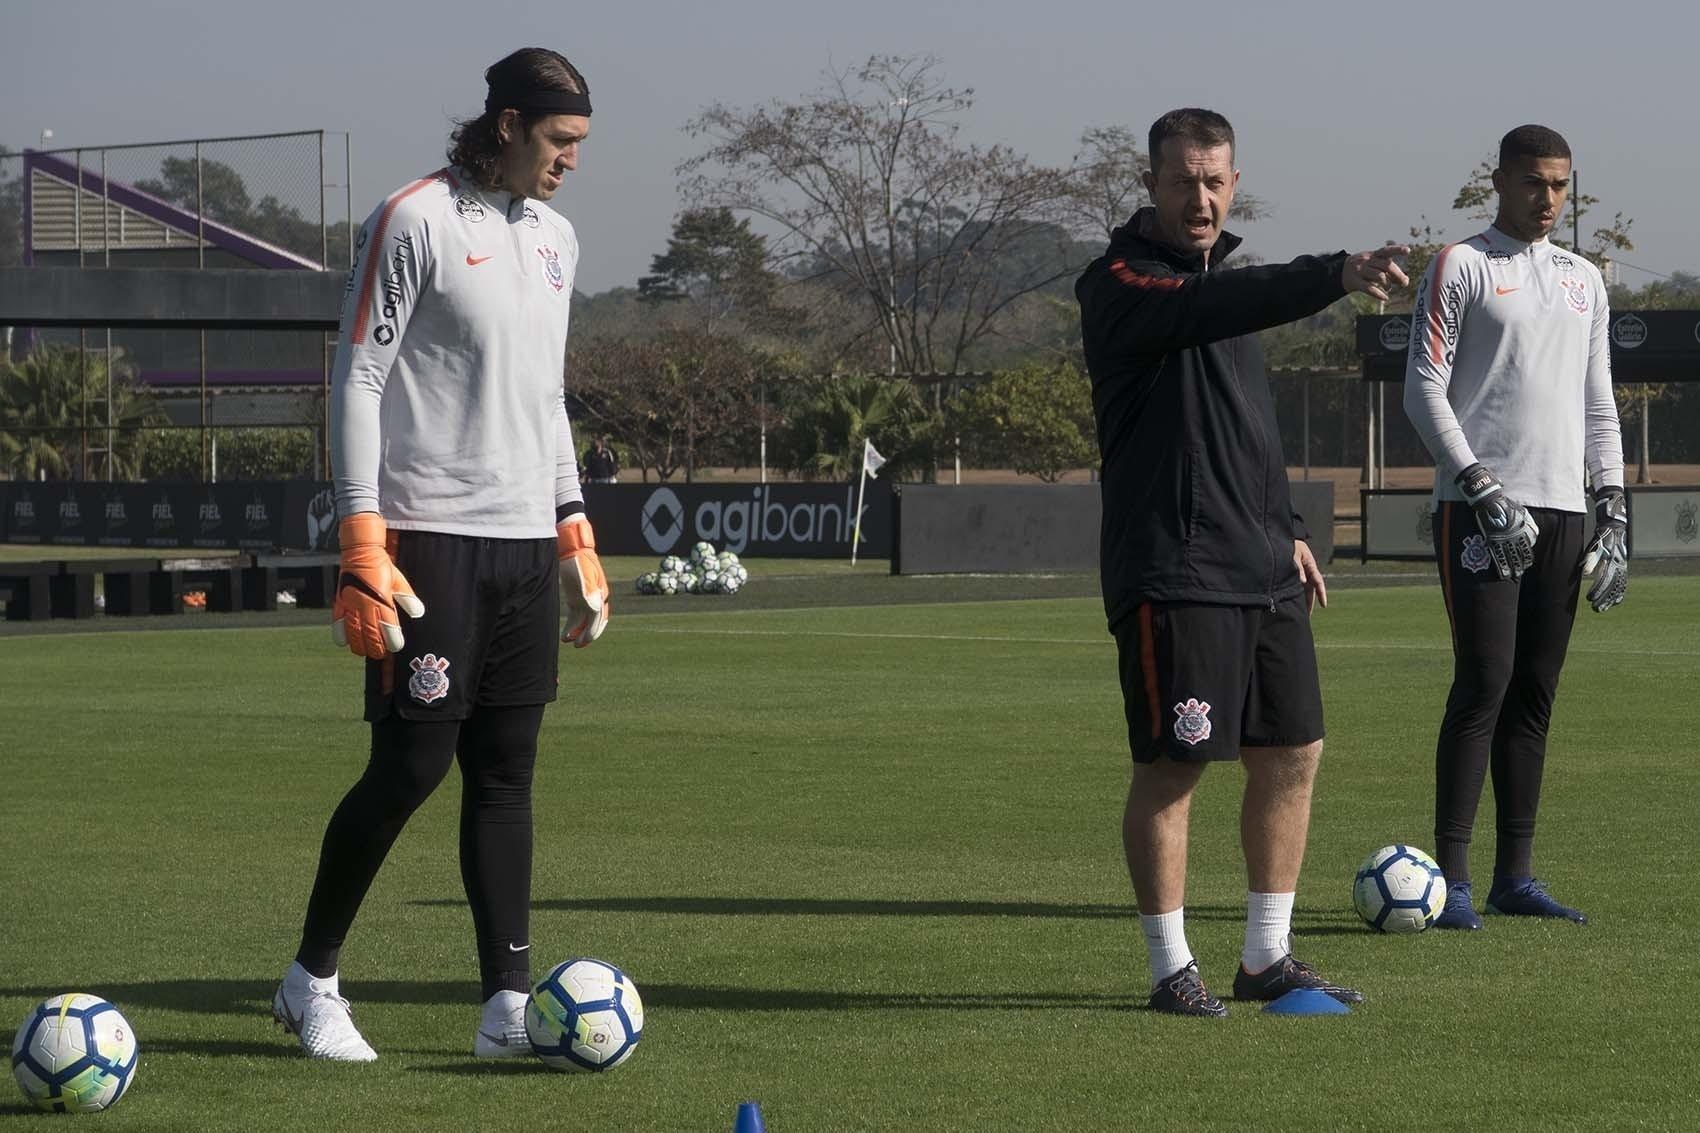 Da comissão técnica ao time titular  o que mudou no Corinthians em 1 mês -  Esporte - BOL f04abcded41d5